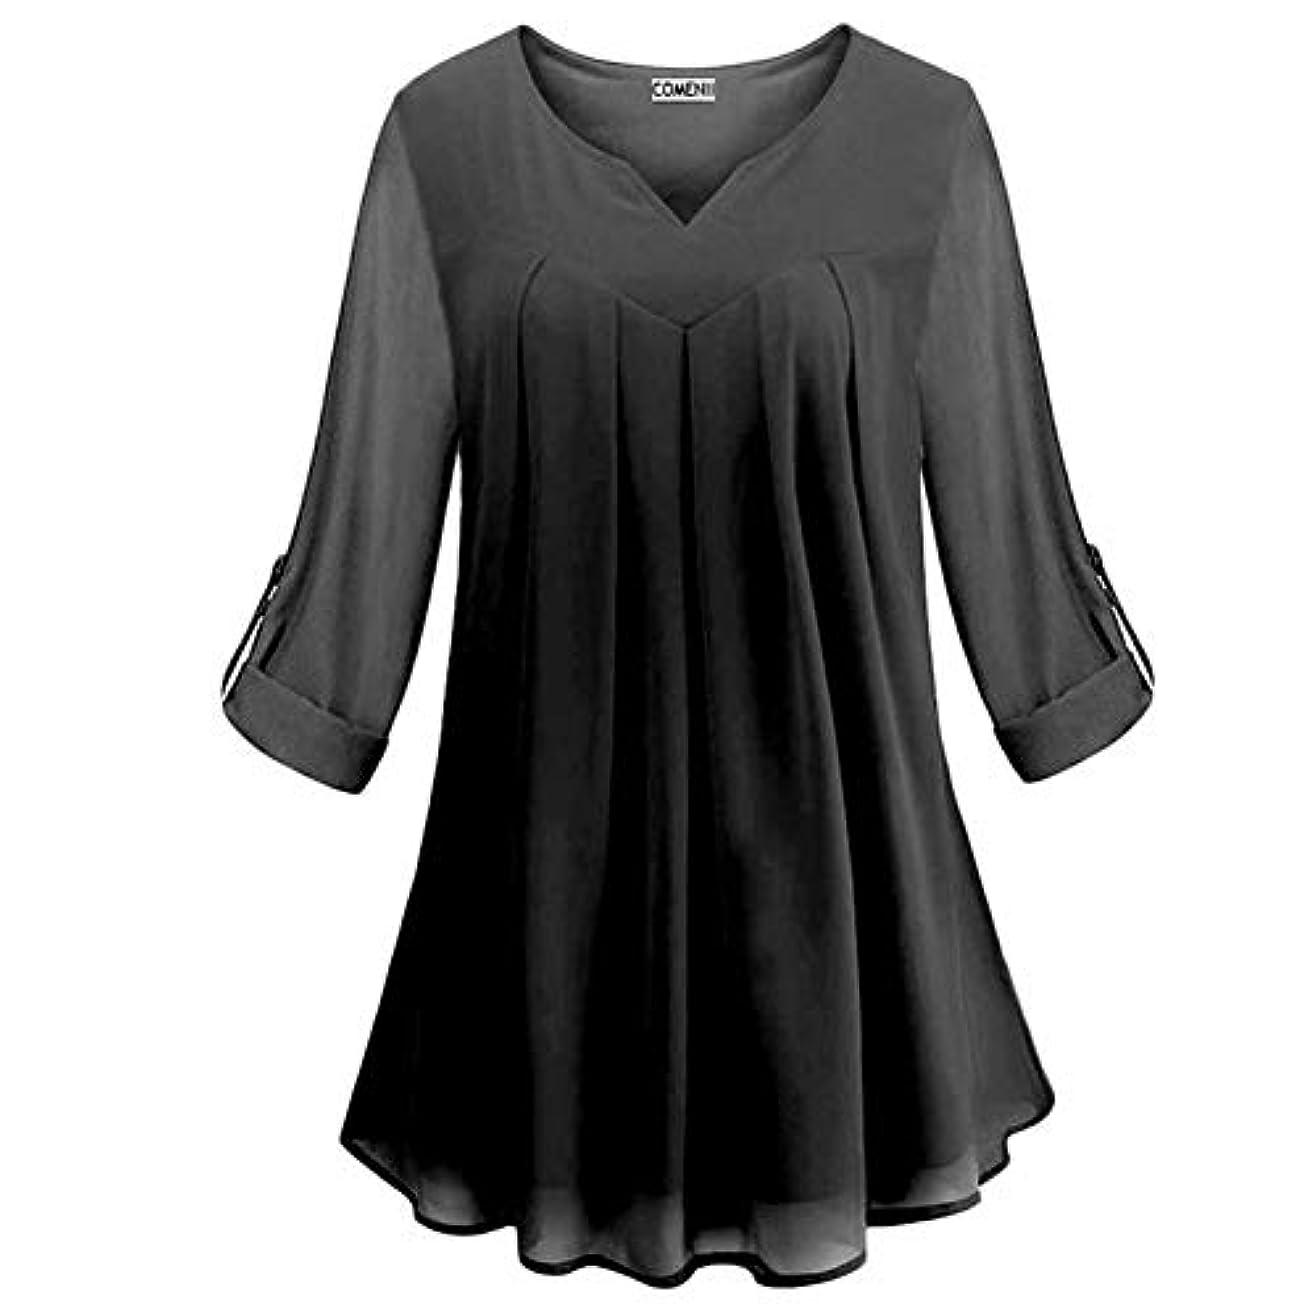 強風人物教育MIFAN の女性のドレスカジュアルな不規則なドレスルースサマービーチTシャツドレス